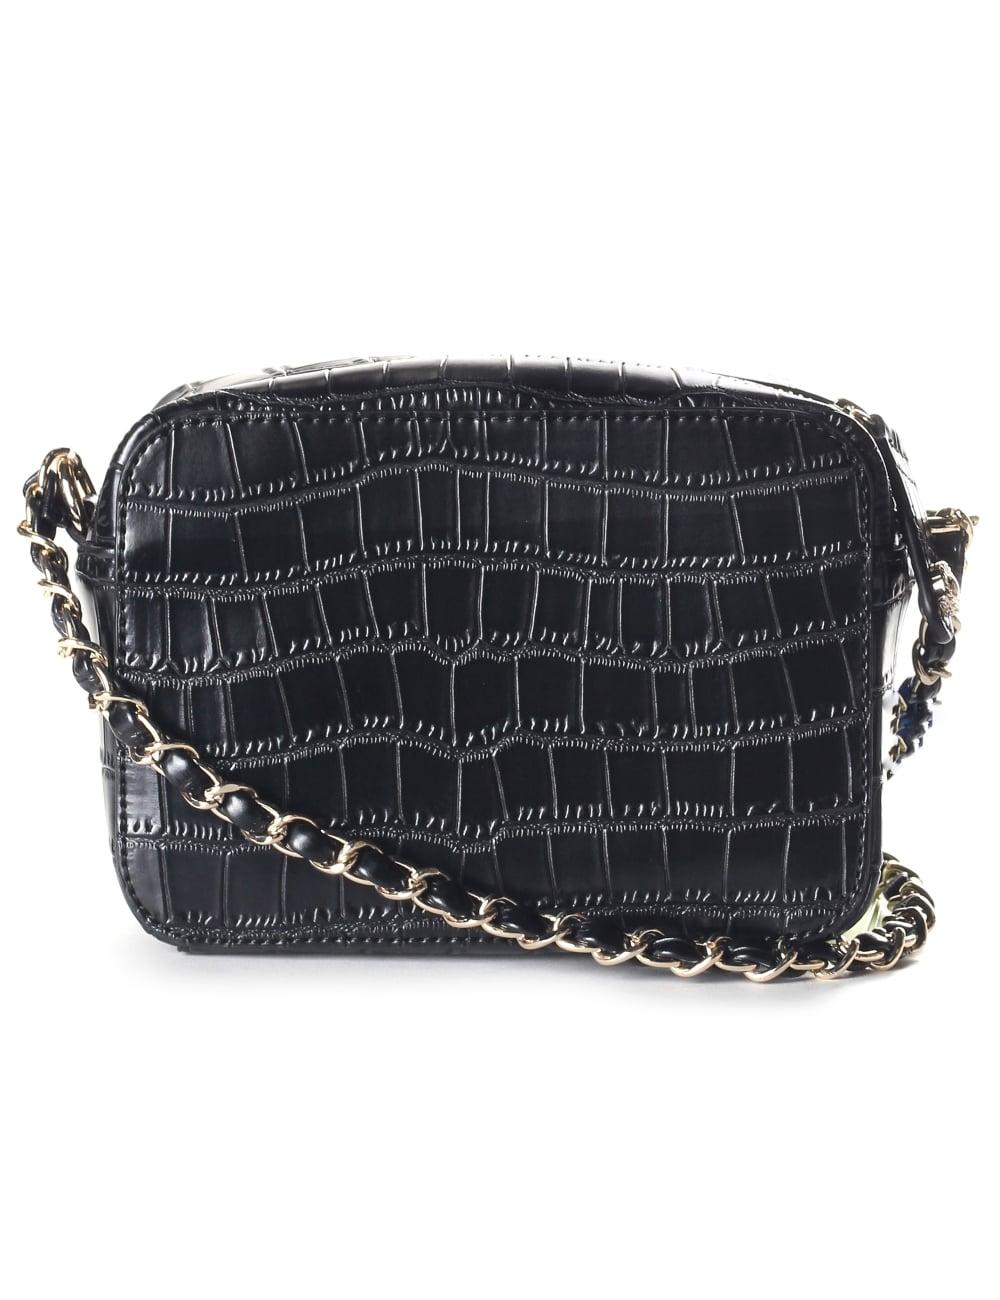 Versace Jeans Croc Print Women s Crossbody Bag 3fb27a8c6a1df